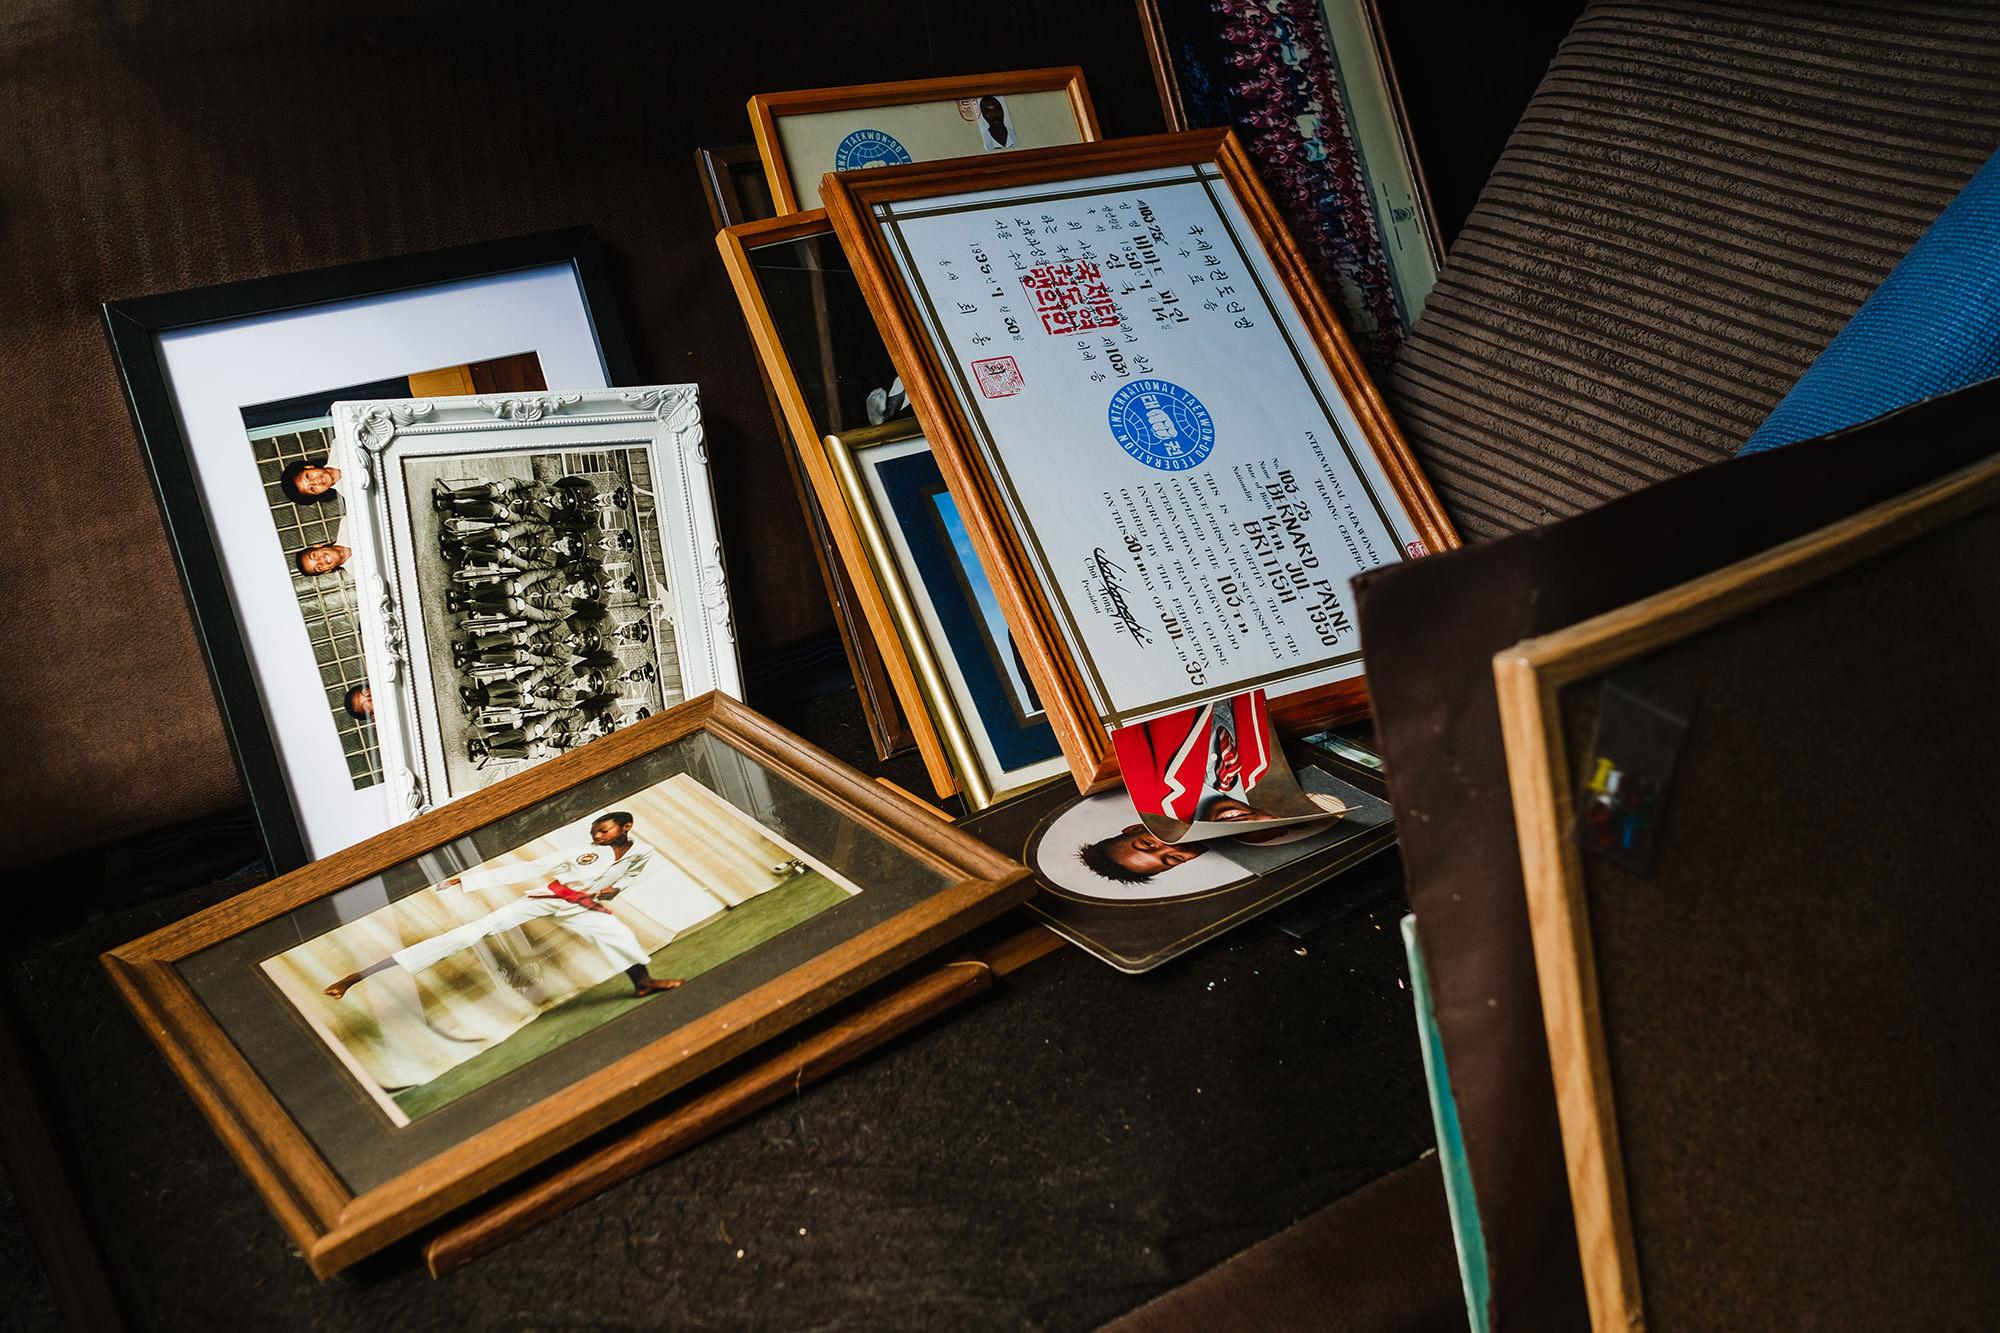 framed images taken down